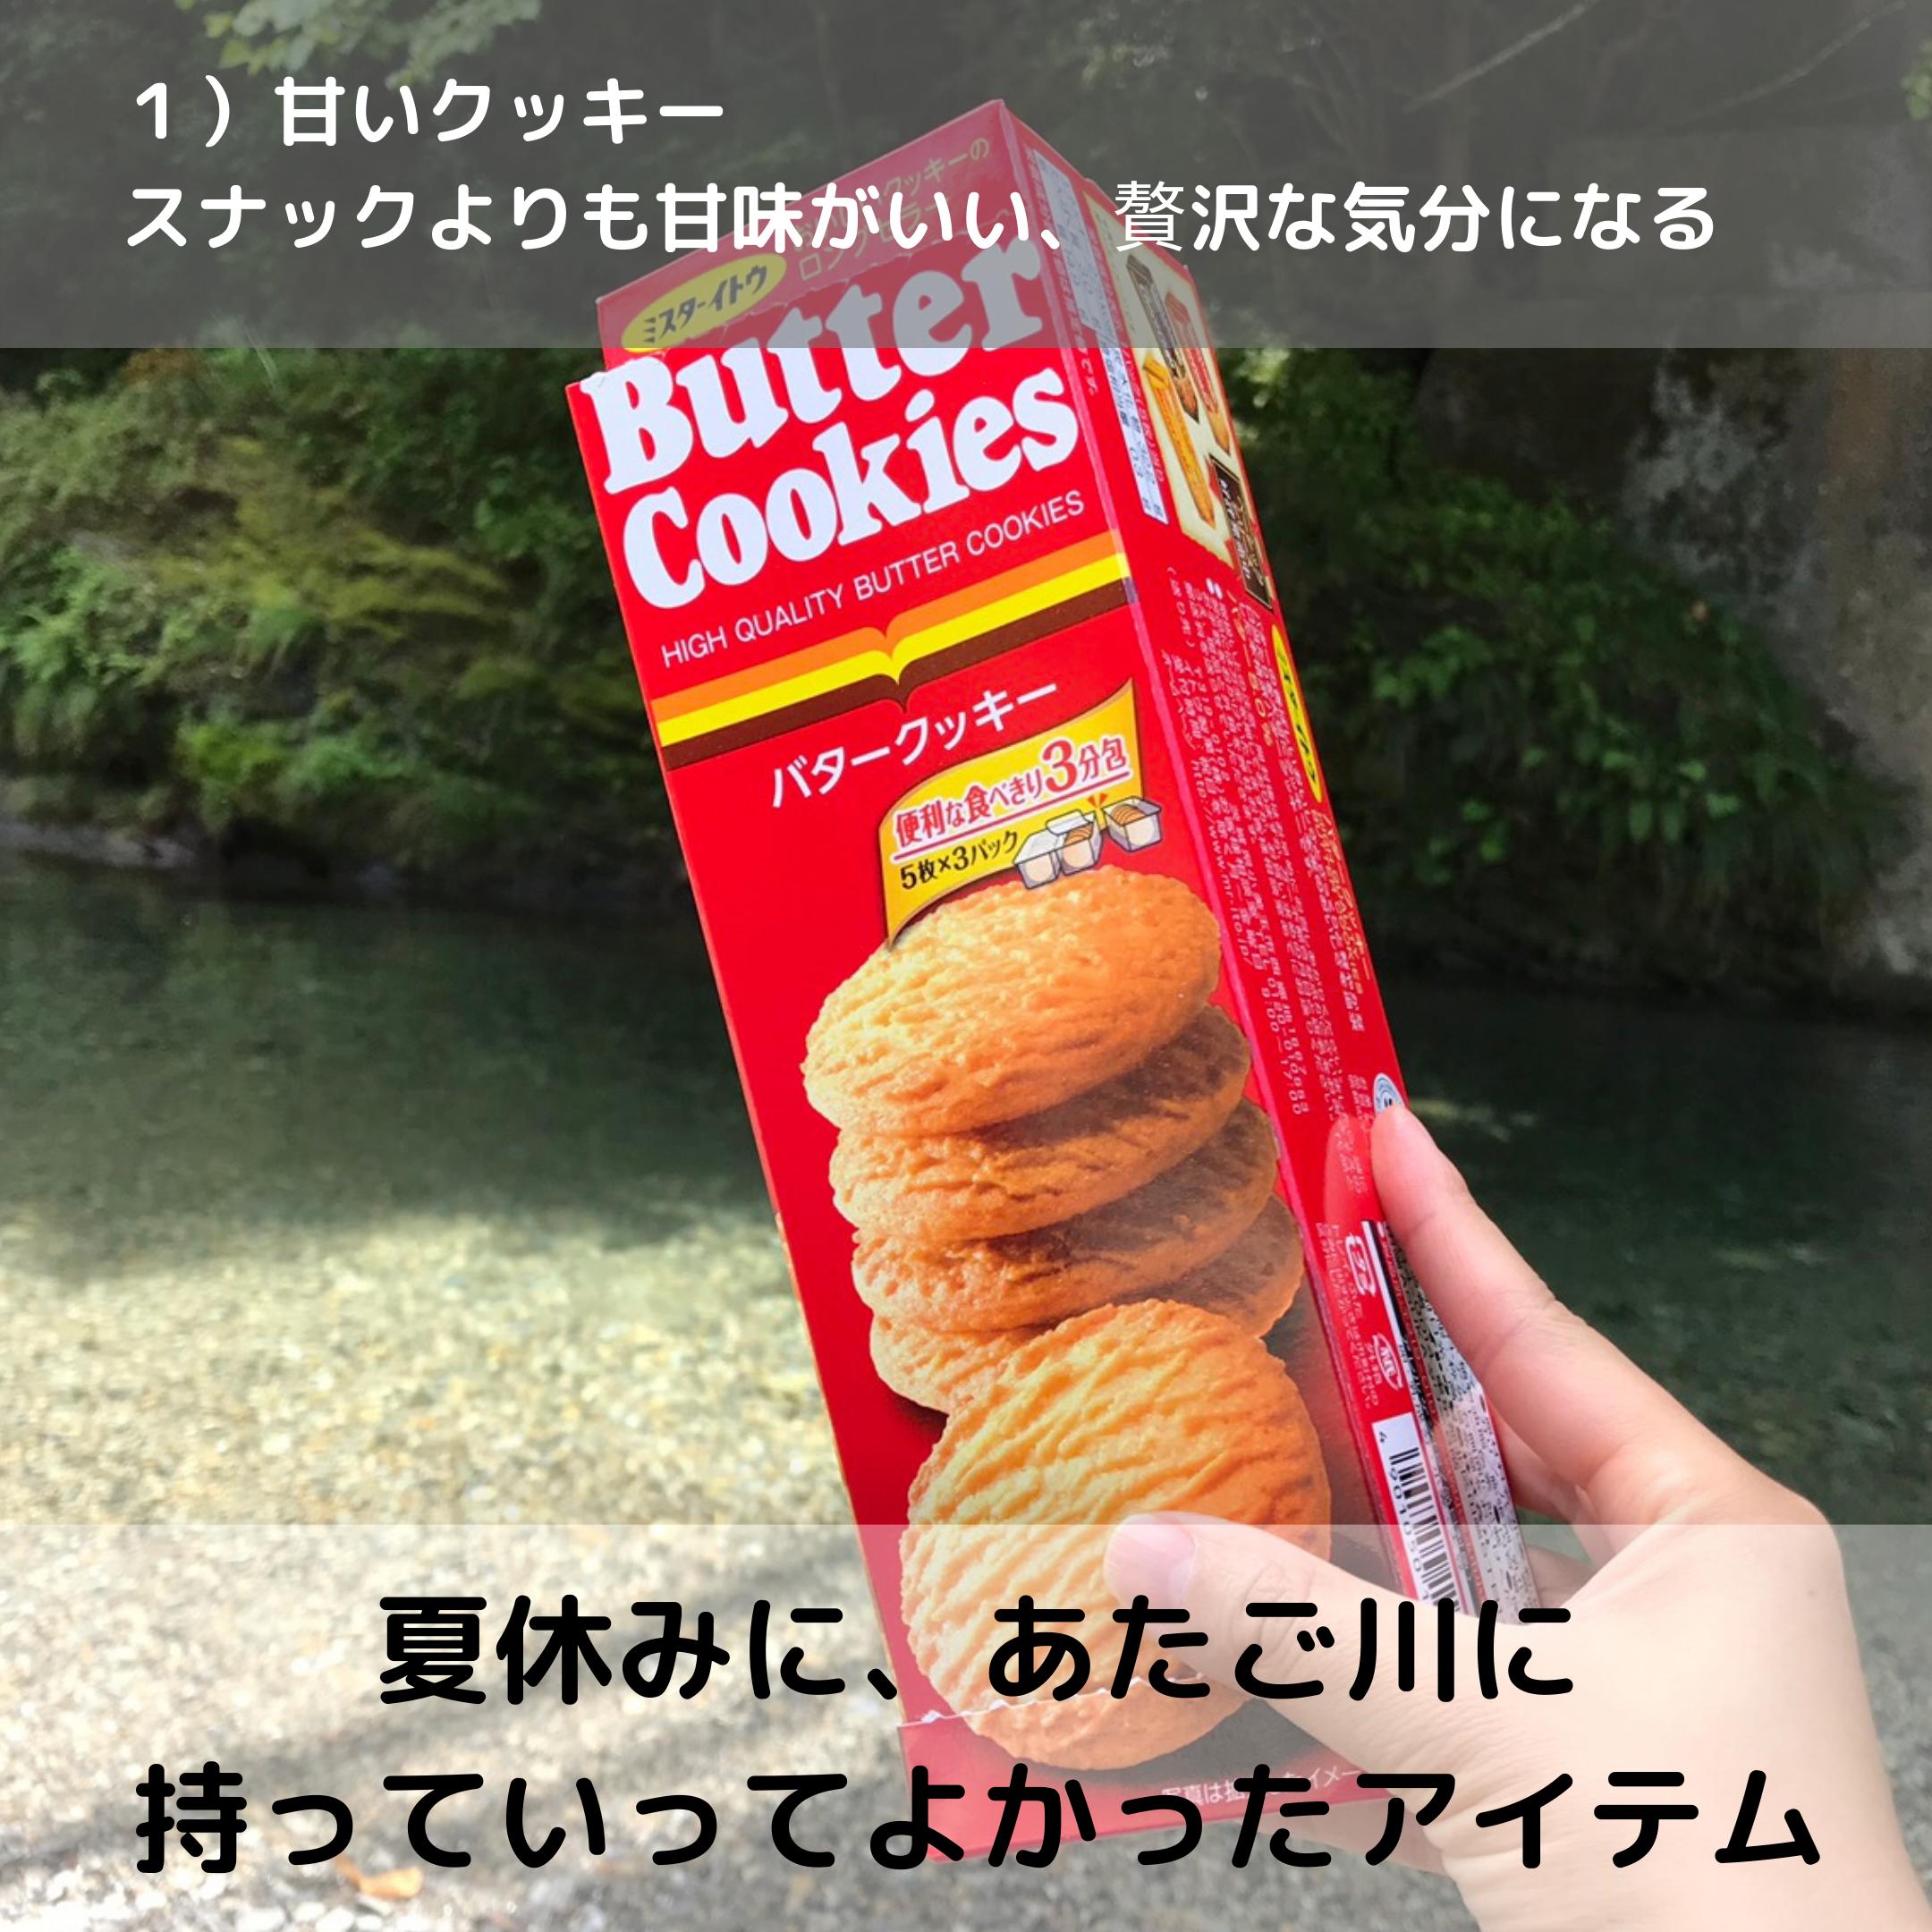 あたご川に持っていってよかったアイテム:甘いクッキー